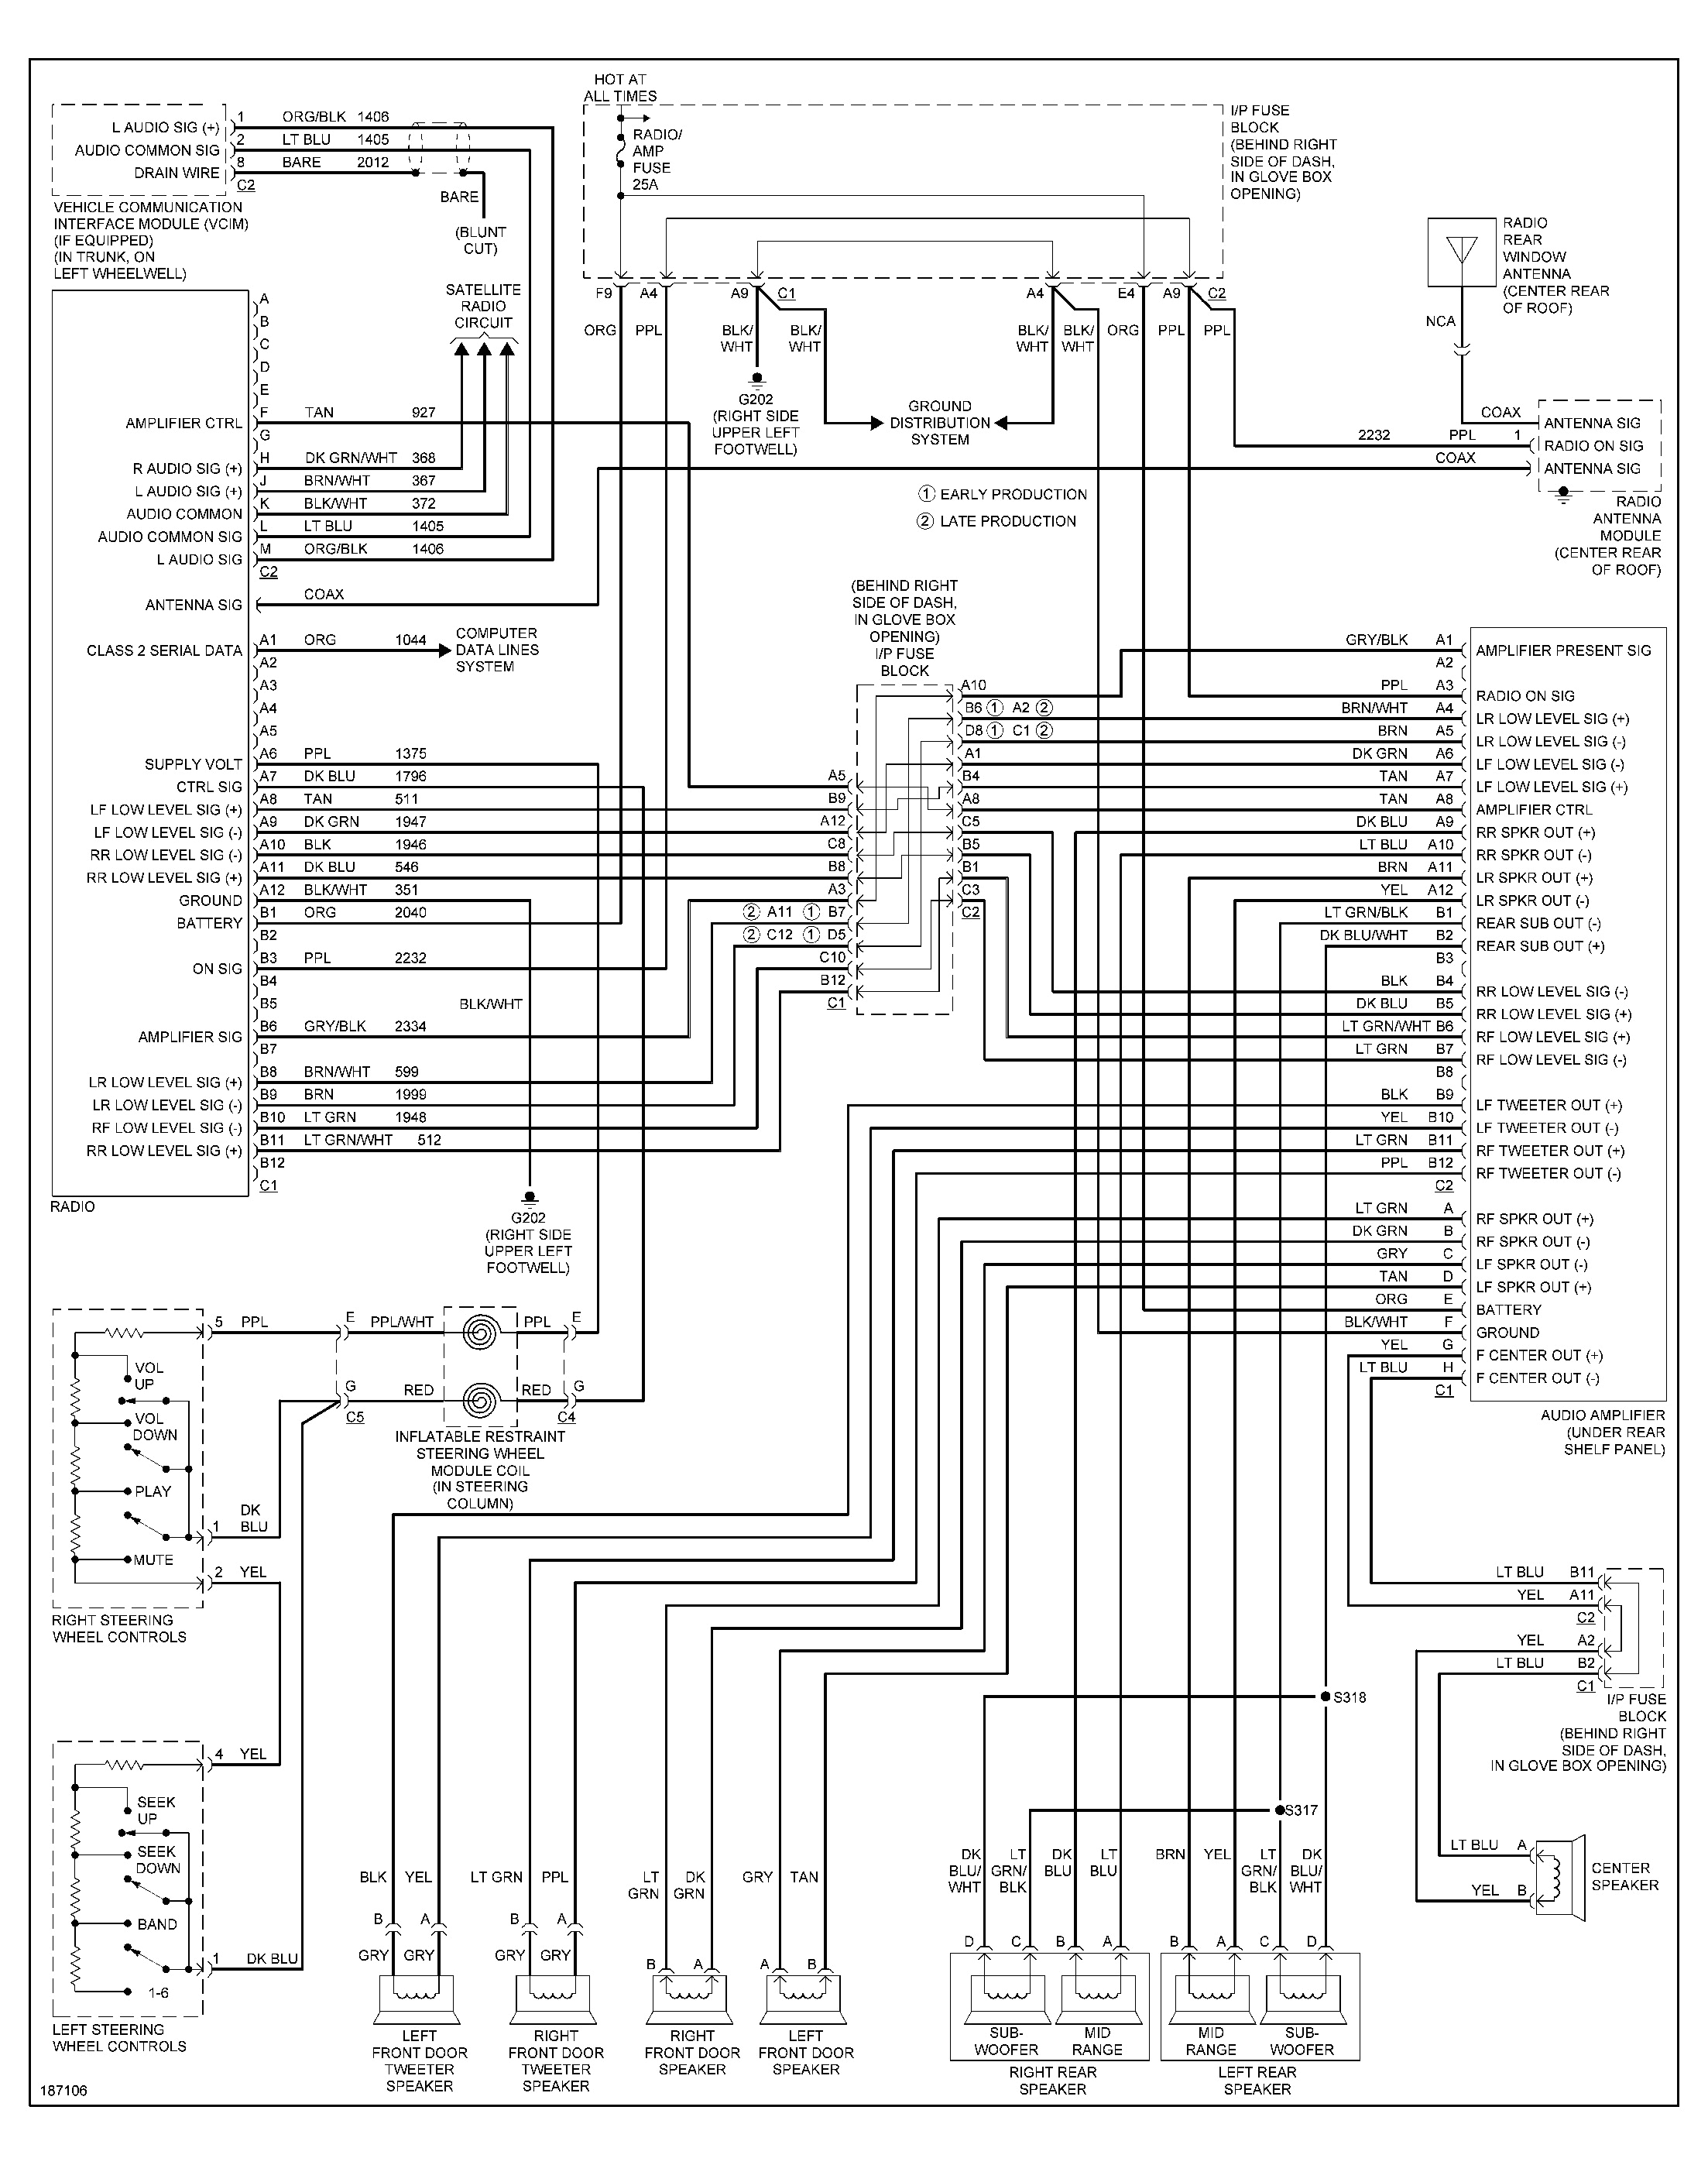 2001 aztek wiper diagram wiring diagram used 2004 aztek fuse panel diagram 2001 aztek wiper diagram